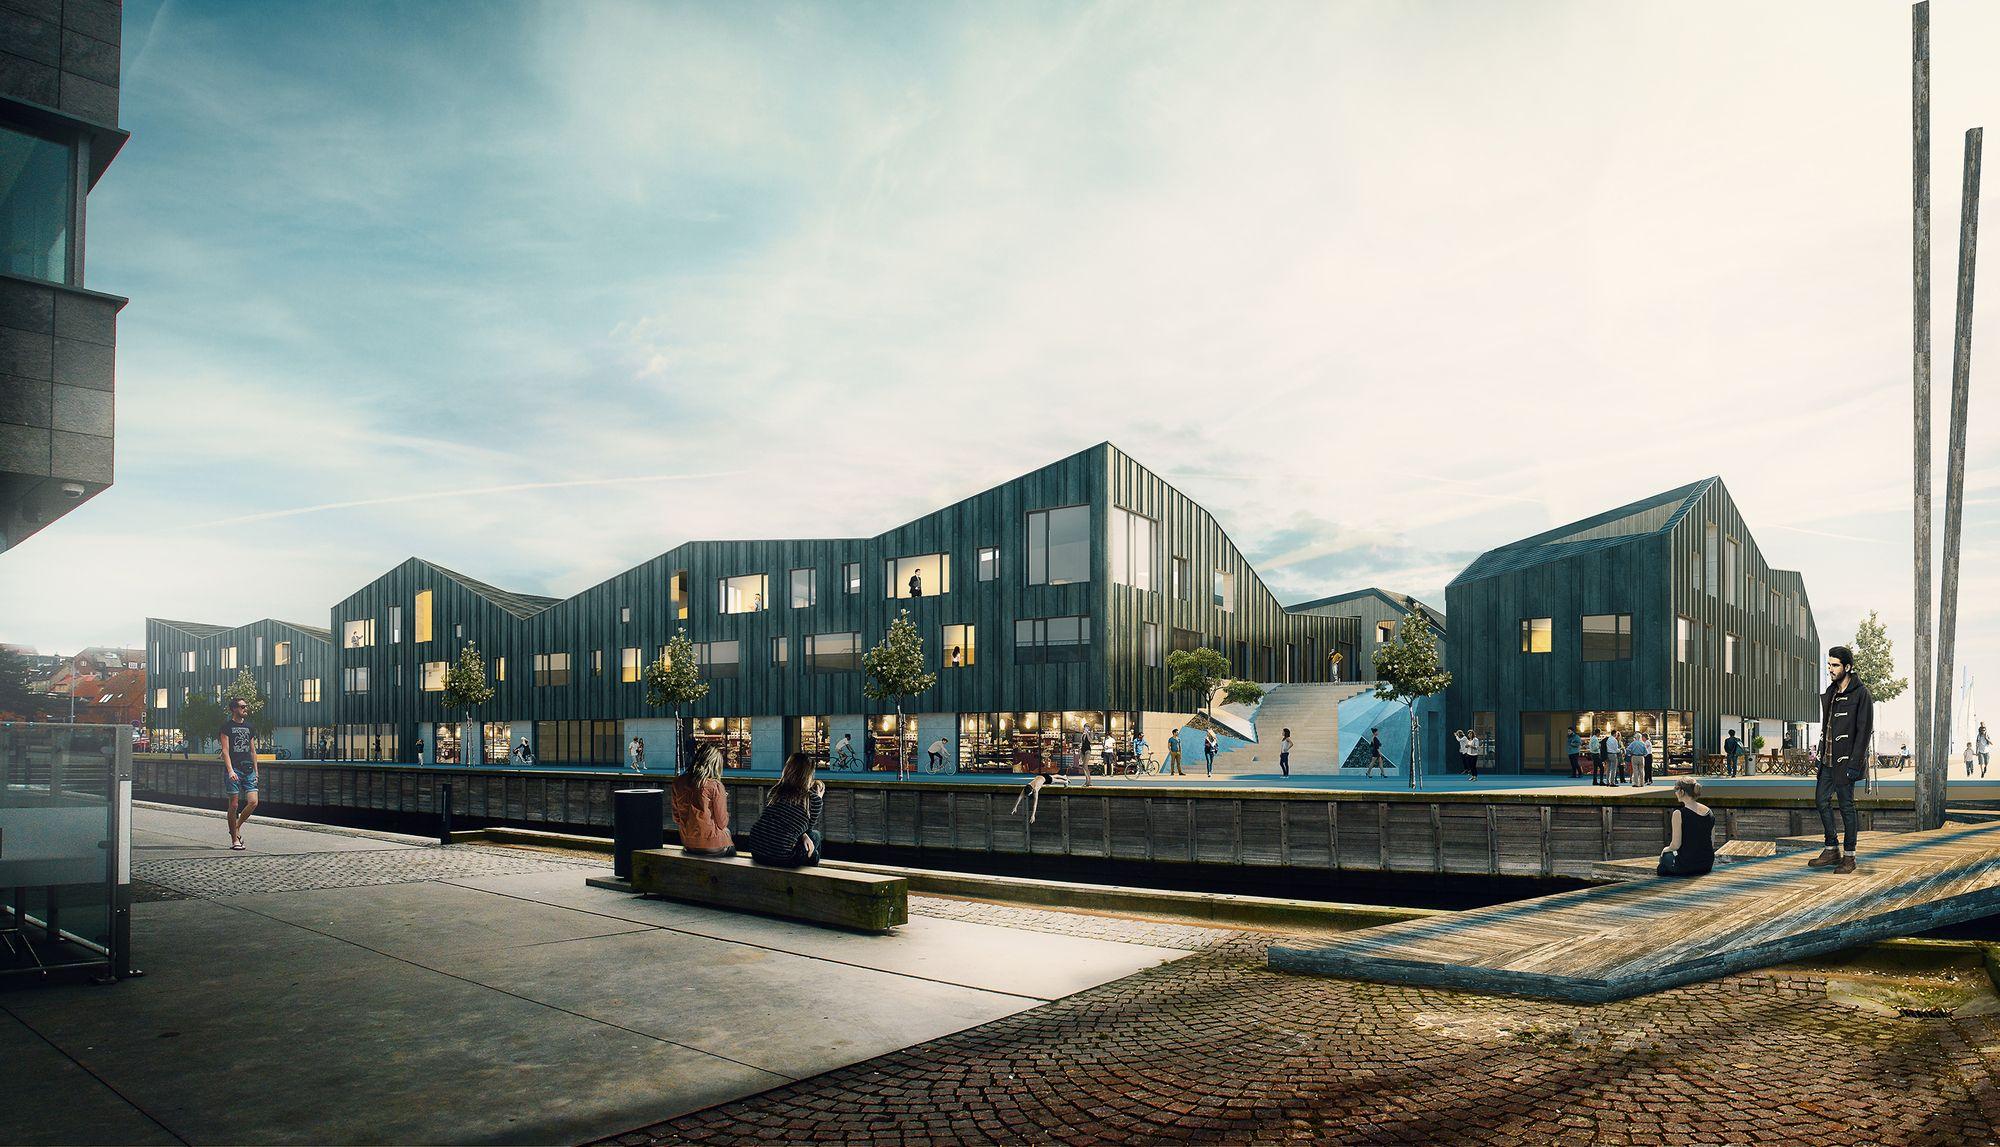 Kullegaard vence concurso para o complexo portuário de Holbæk, Dinamarca